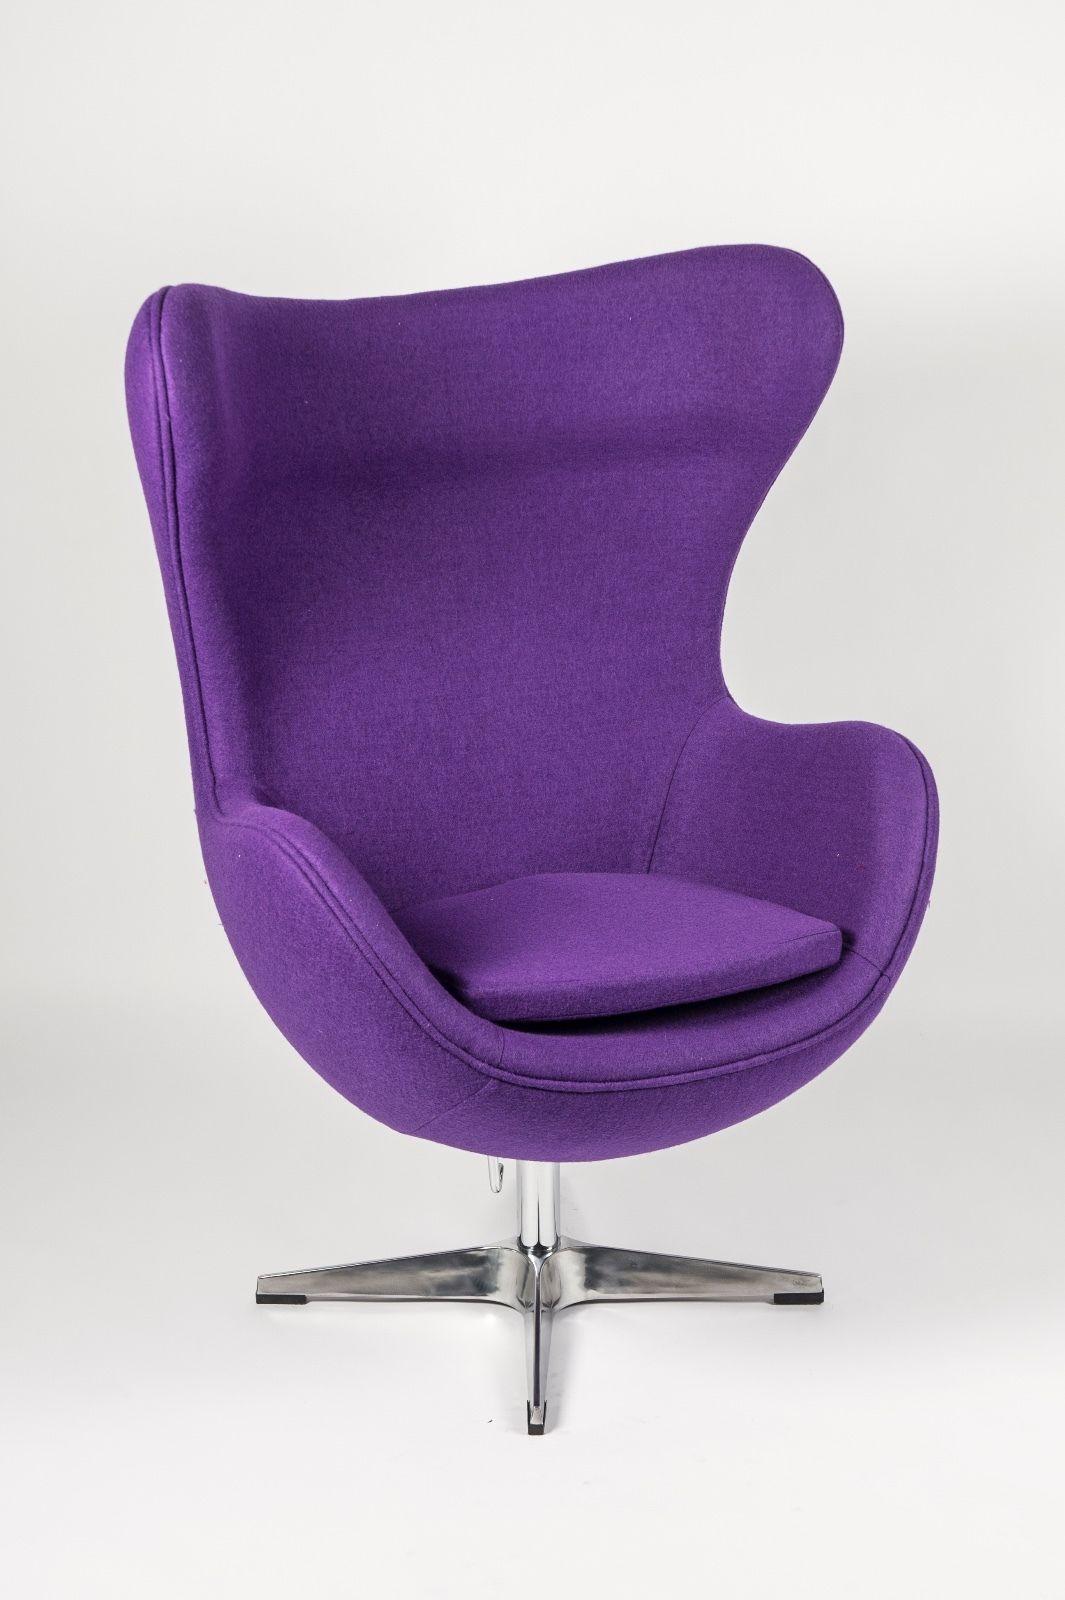 Une sélection des plus beaux fauteuils oeuf récemment vendus sur eBay !